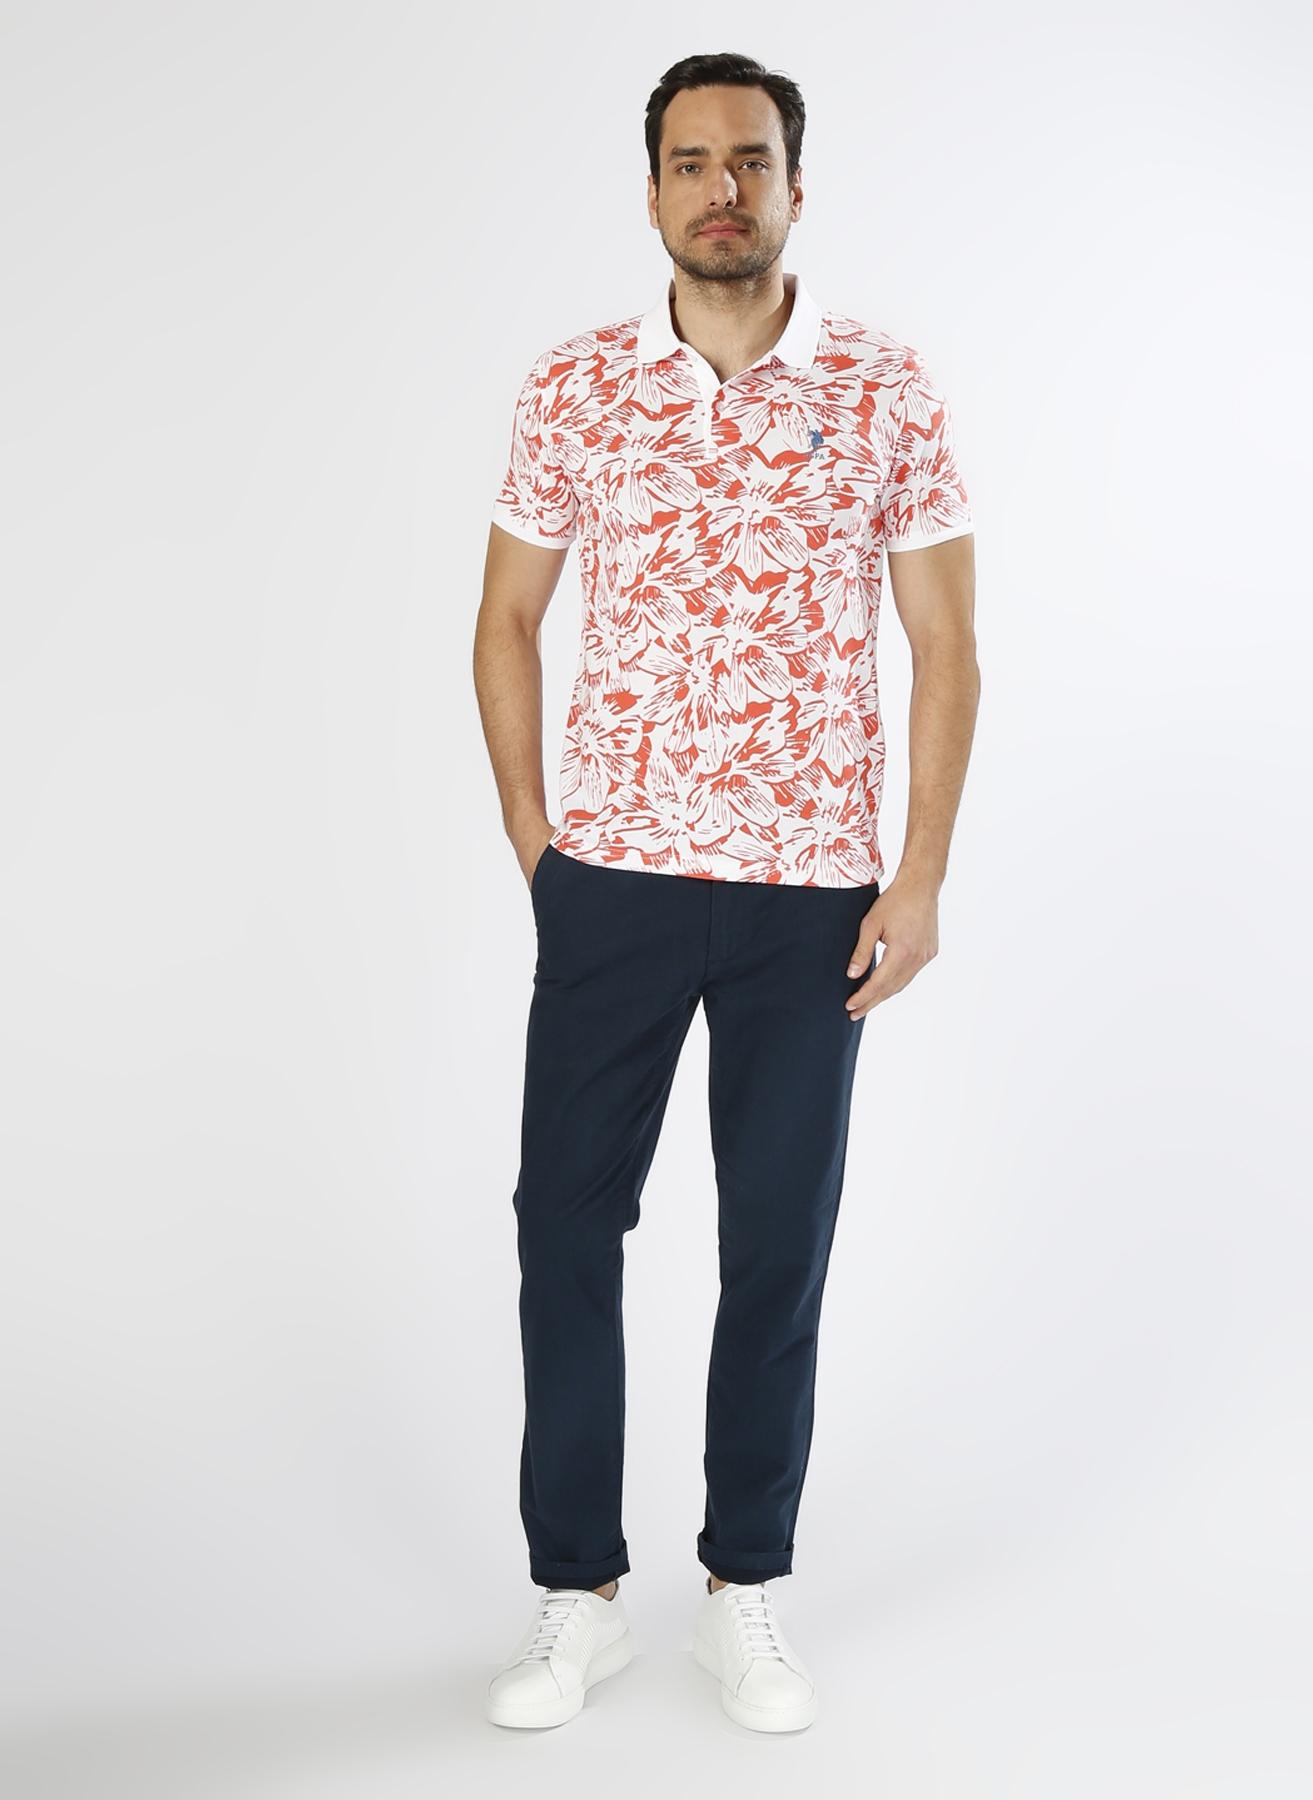 Loft Casual Lacivert Klasik Pantolon 32-30 5000201924006 Ürün Resmi